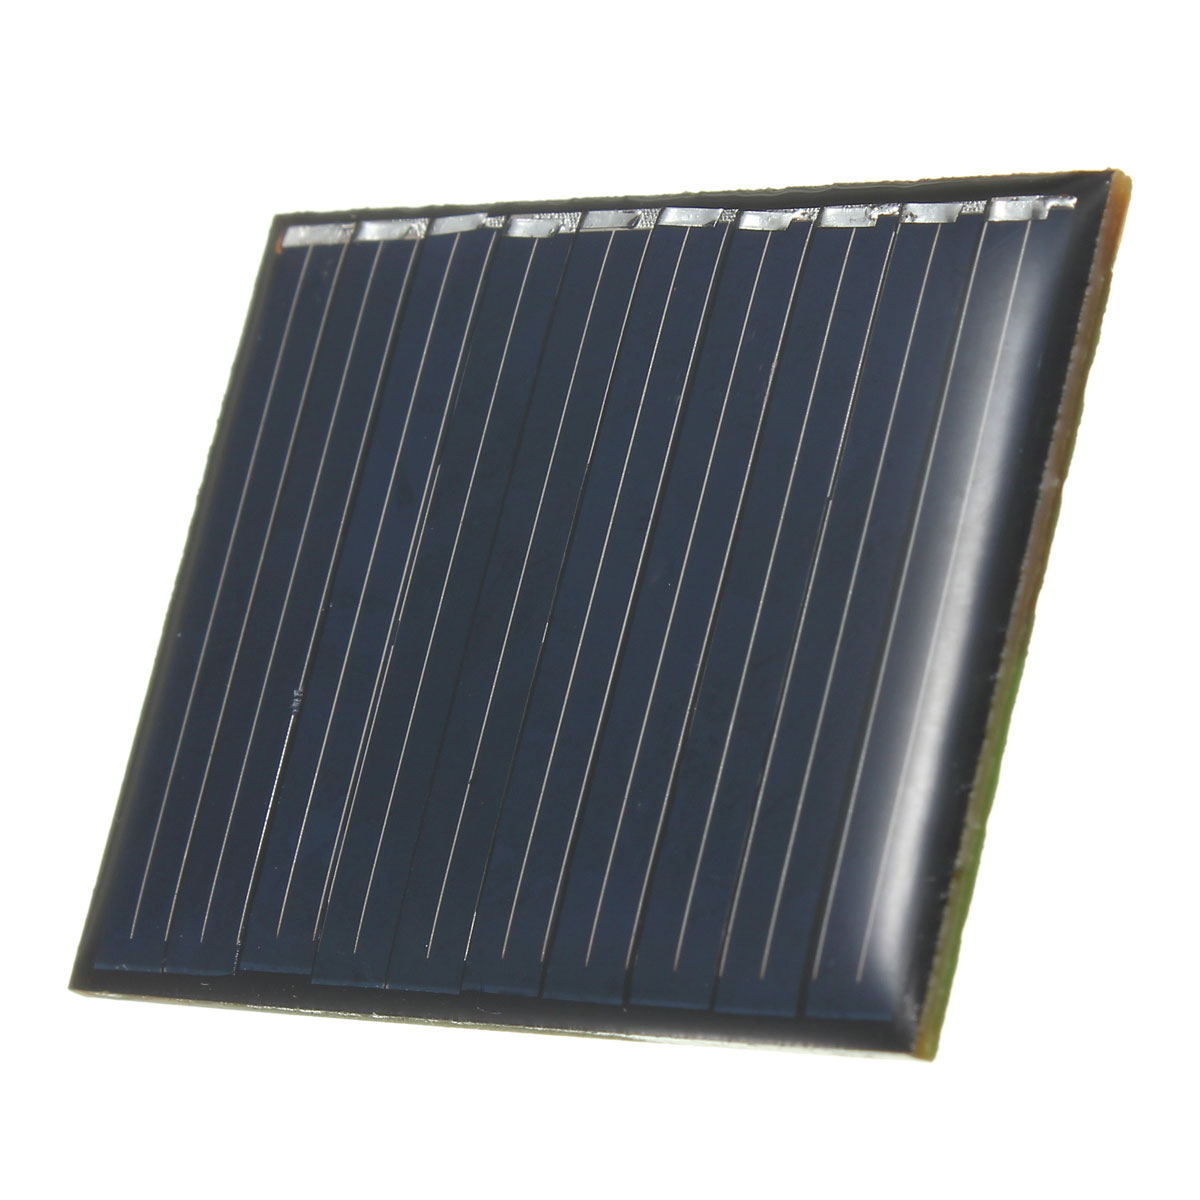 Pannello Solare Kwh : V ma w solare pannello fotovoltaico per auto